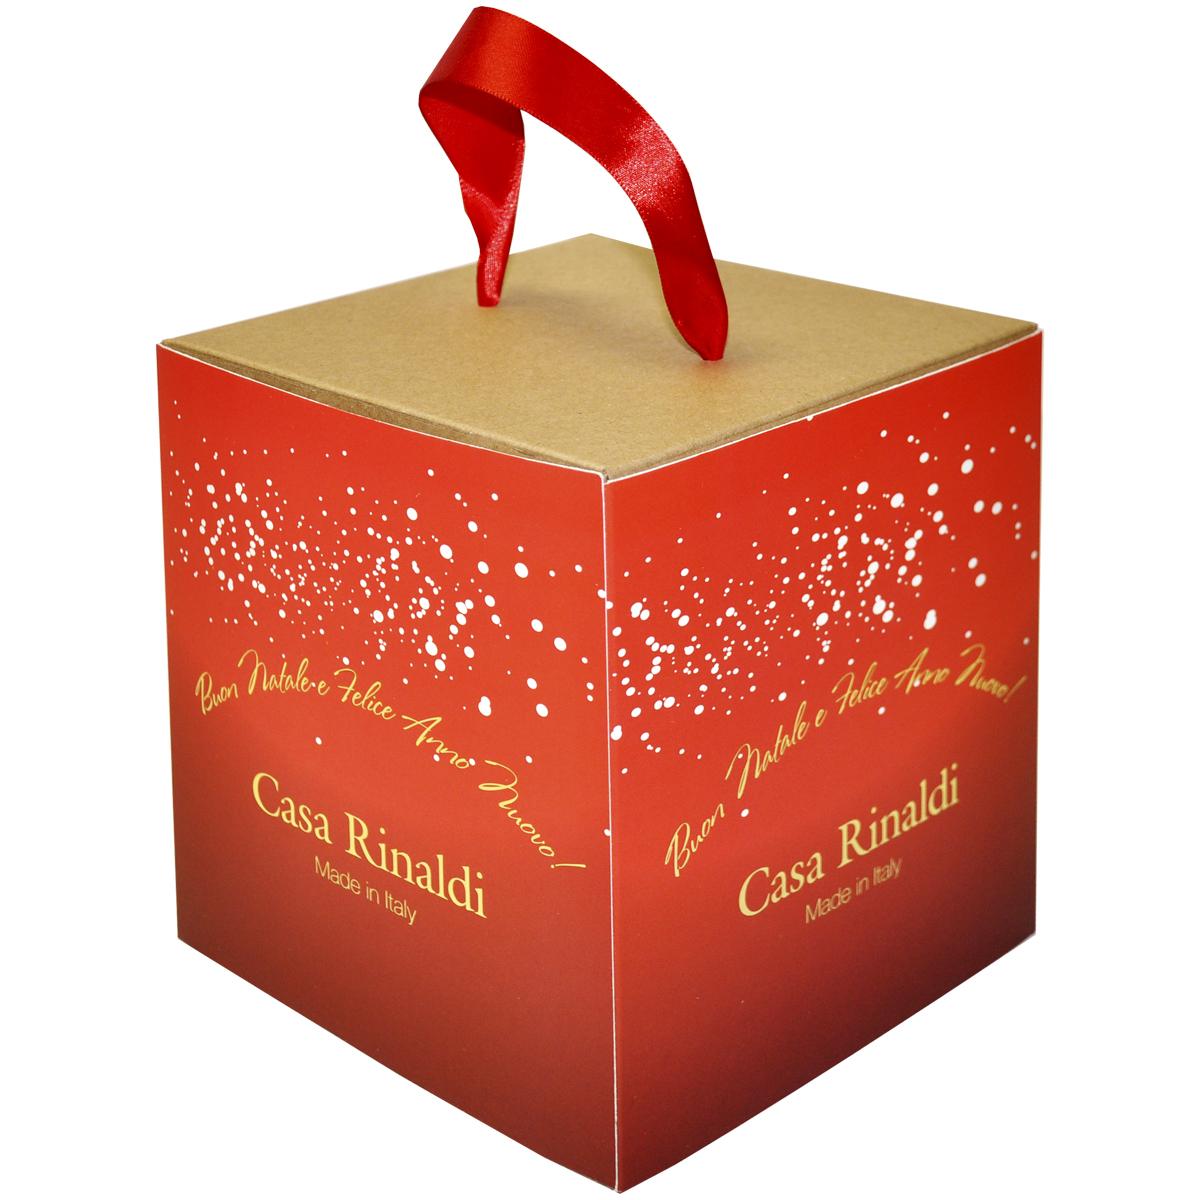 Кулич Casa Rinaldi классический Festa (красный) 500 г